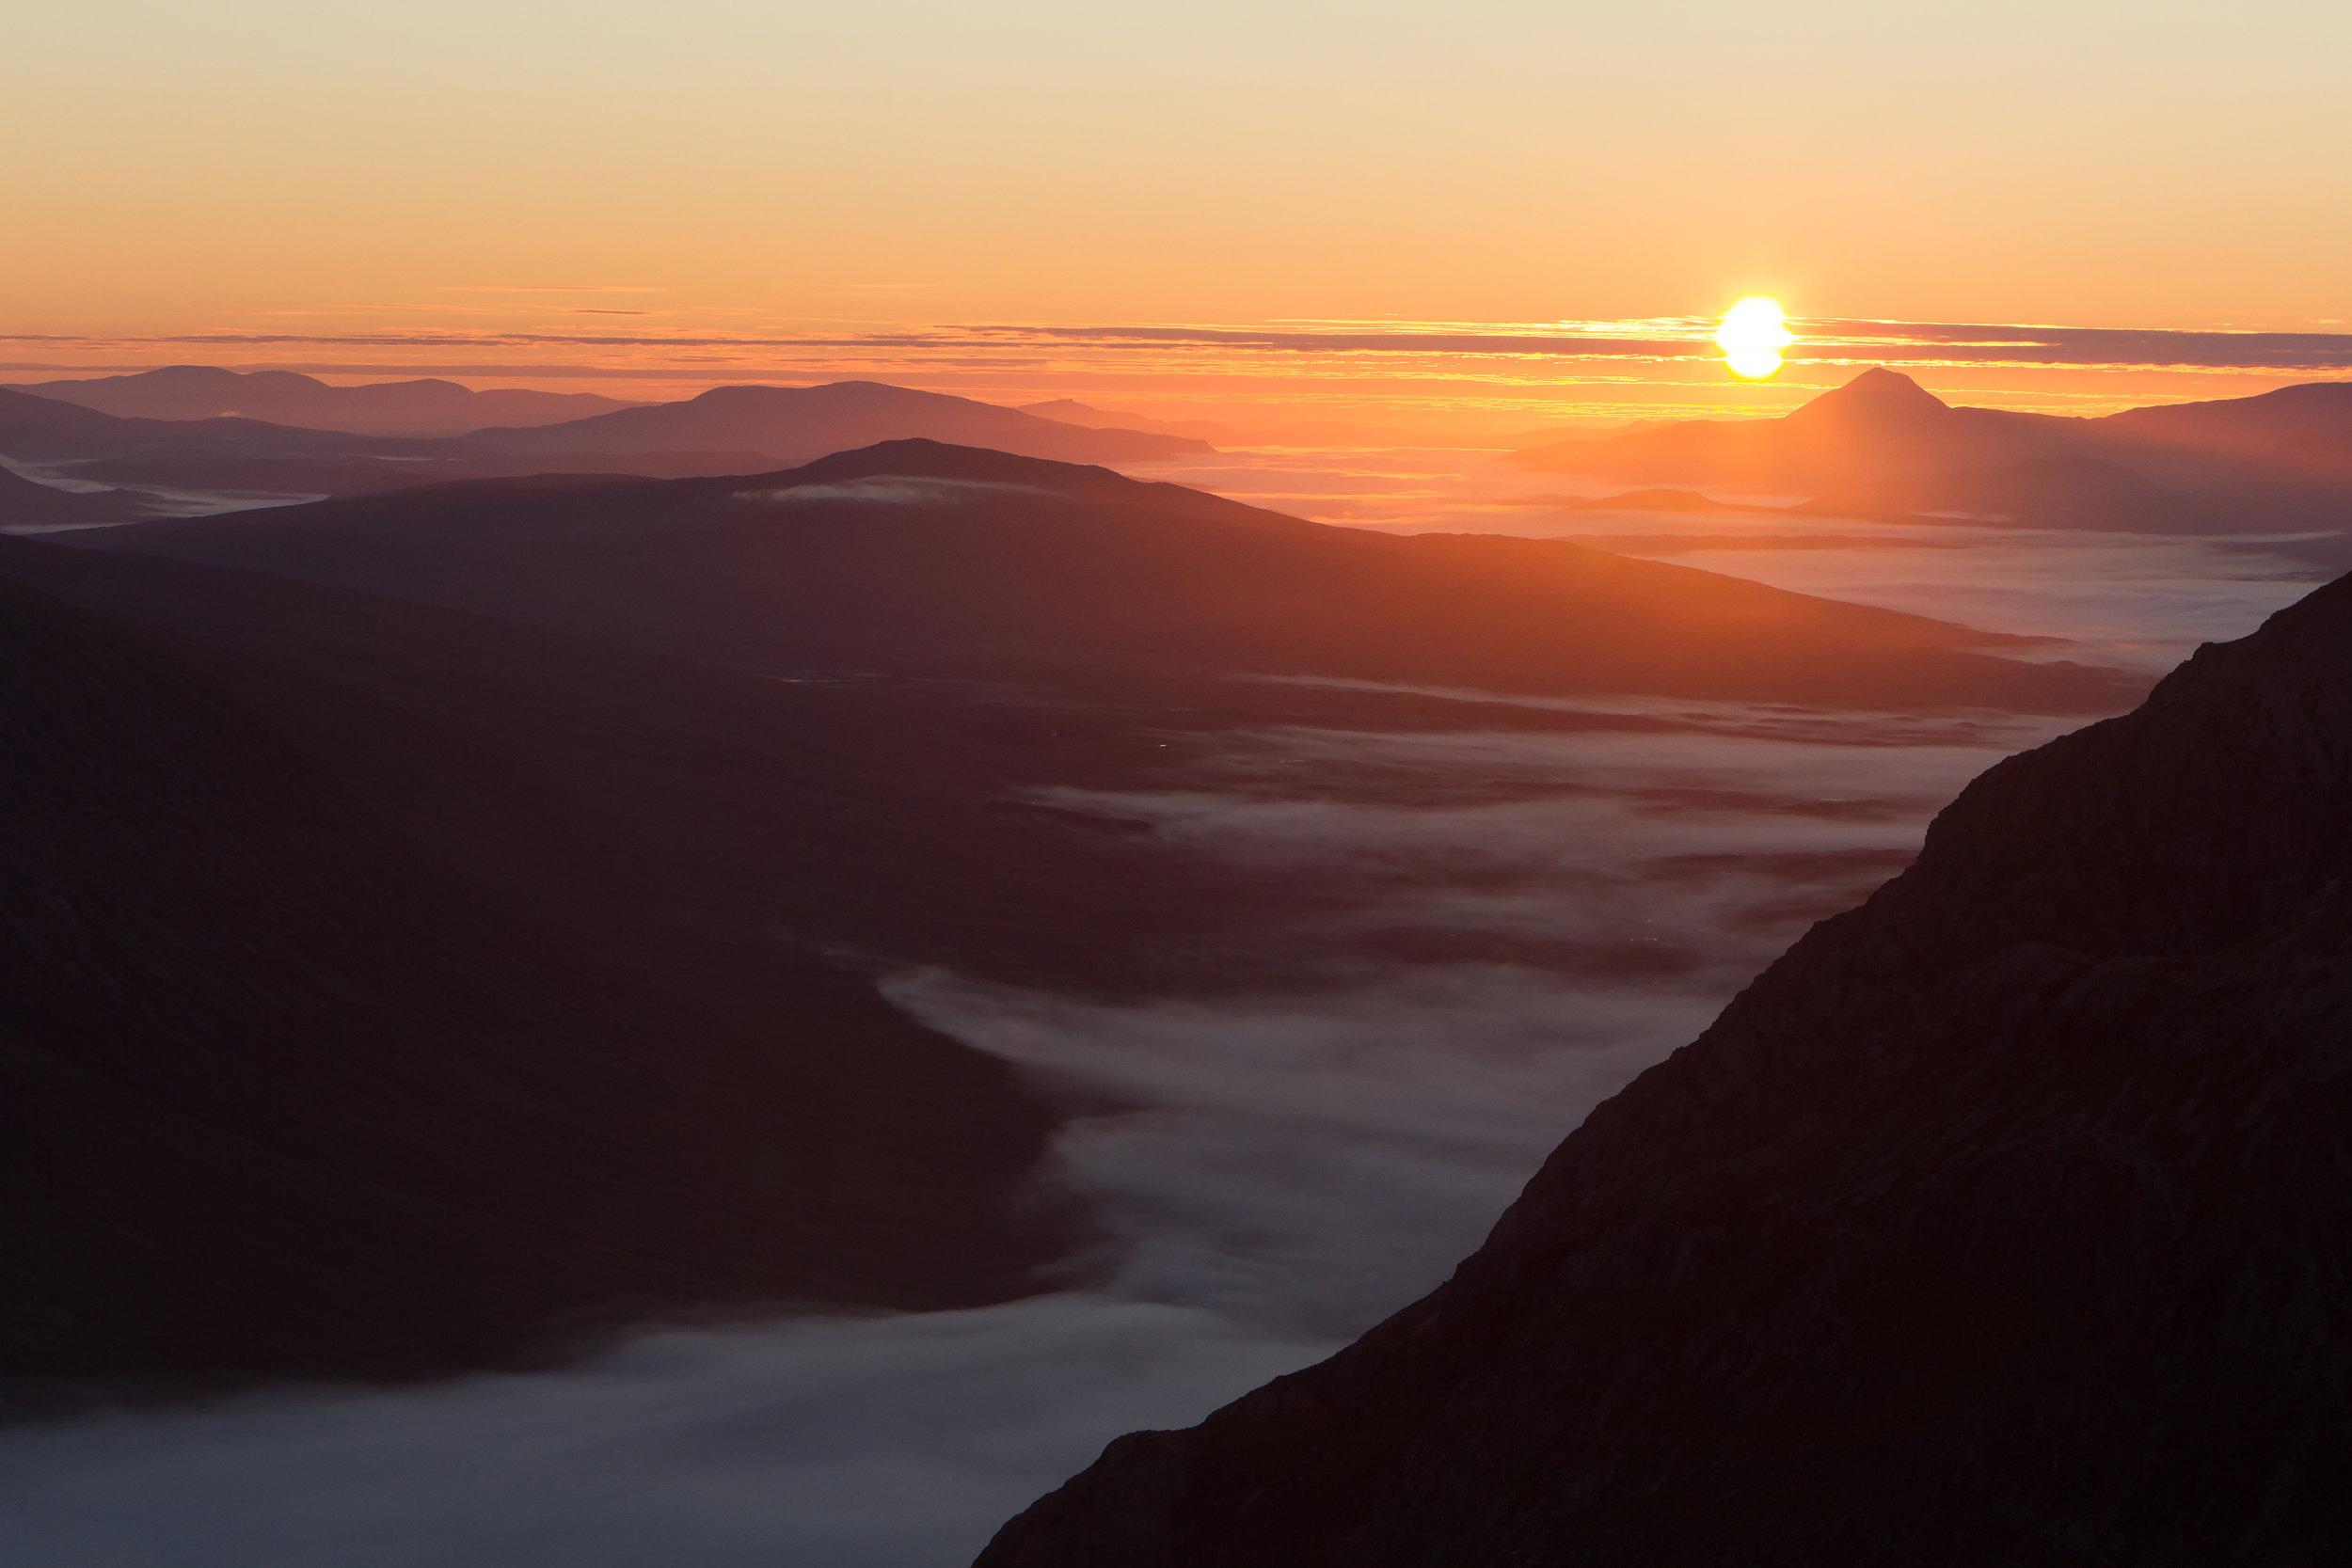 © Jason Baxter Media - Sunrise over Buchaille Etive Mor